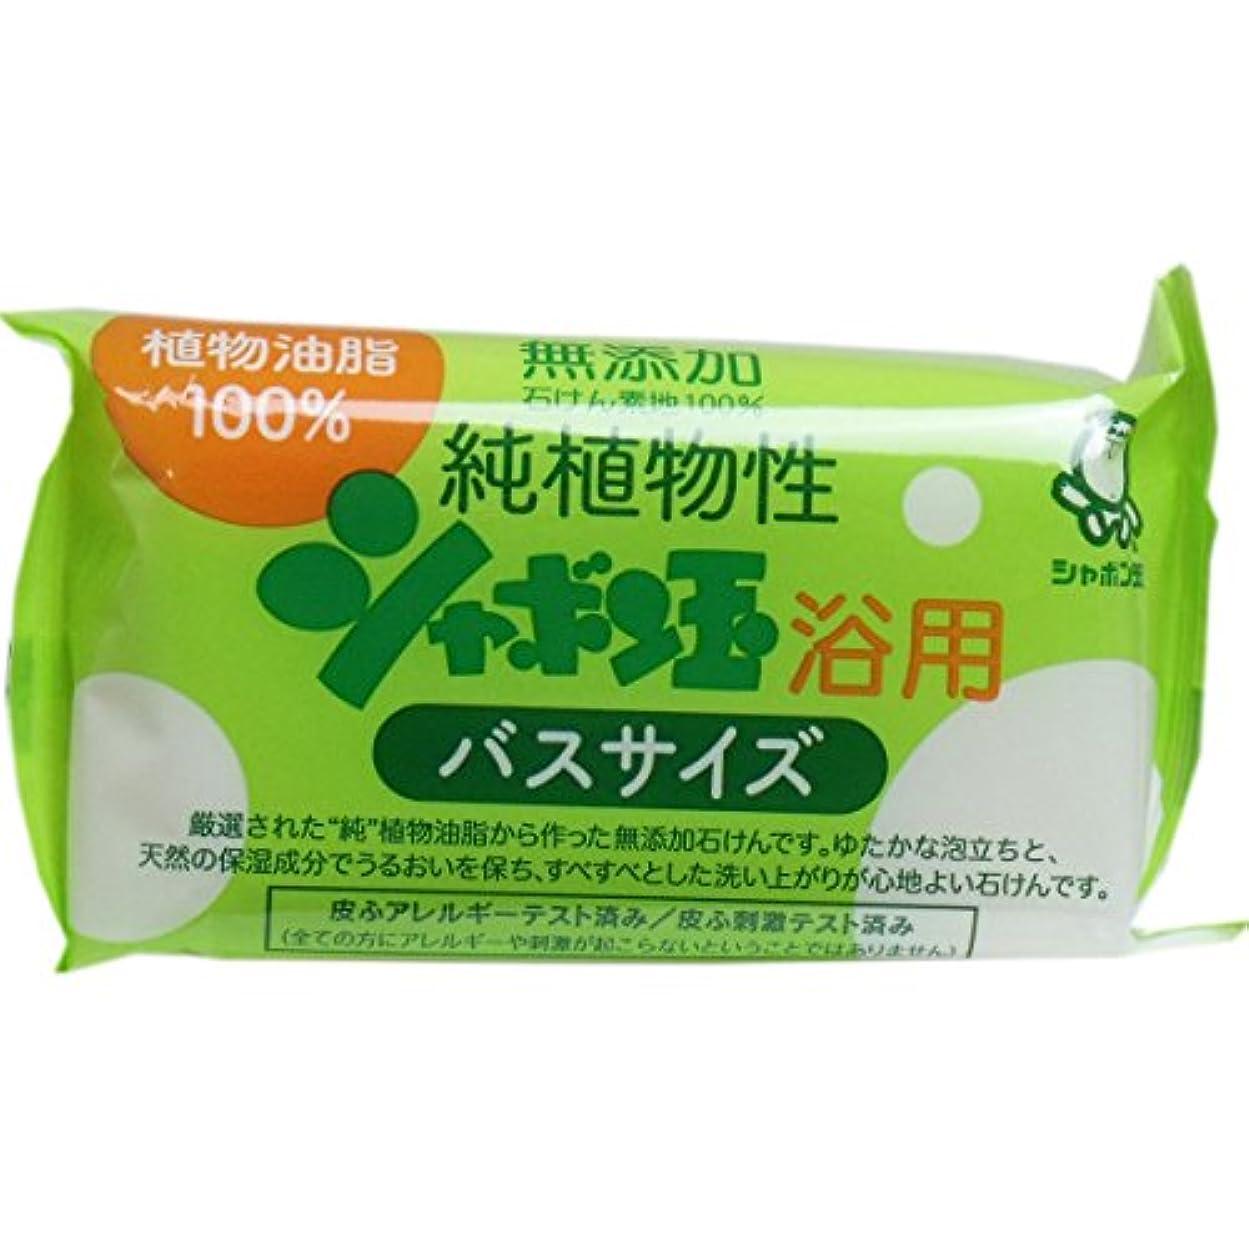 タオル振る舞う神無添加 シャボン玉 純植物性浴用石けん バスサイズ 155g(無添加石鹸)